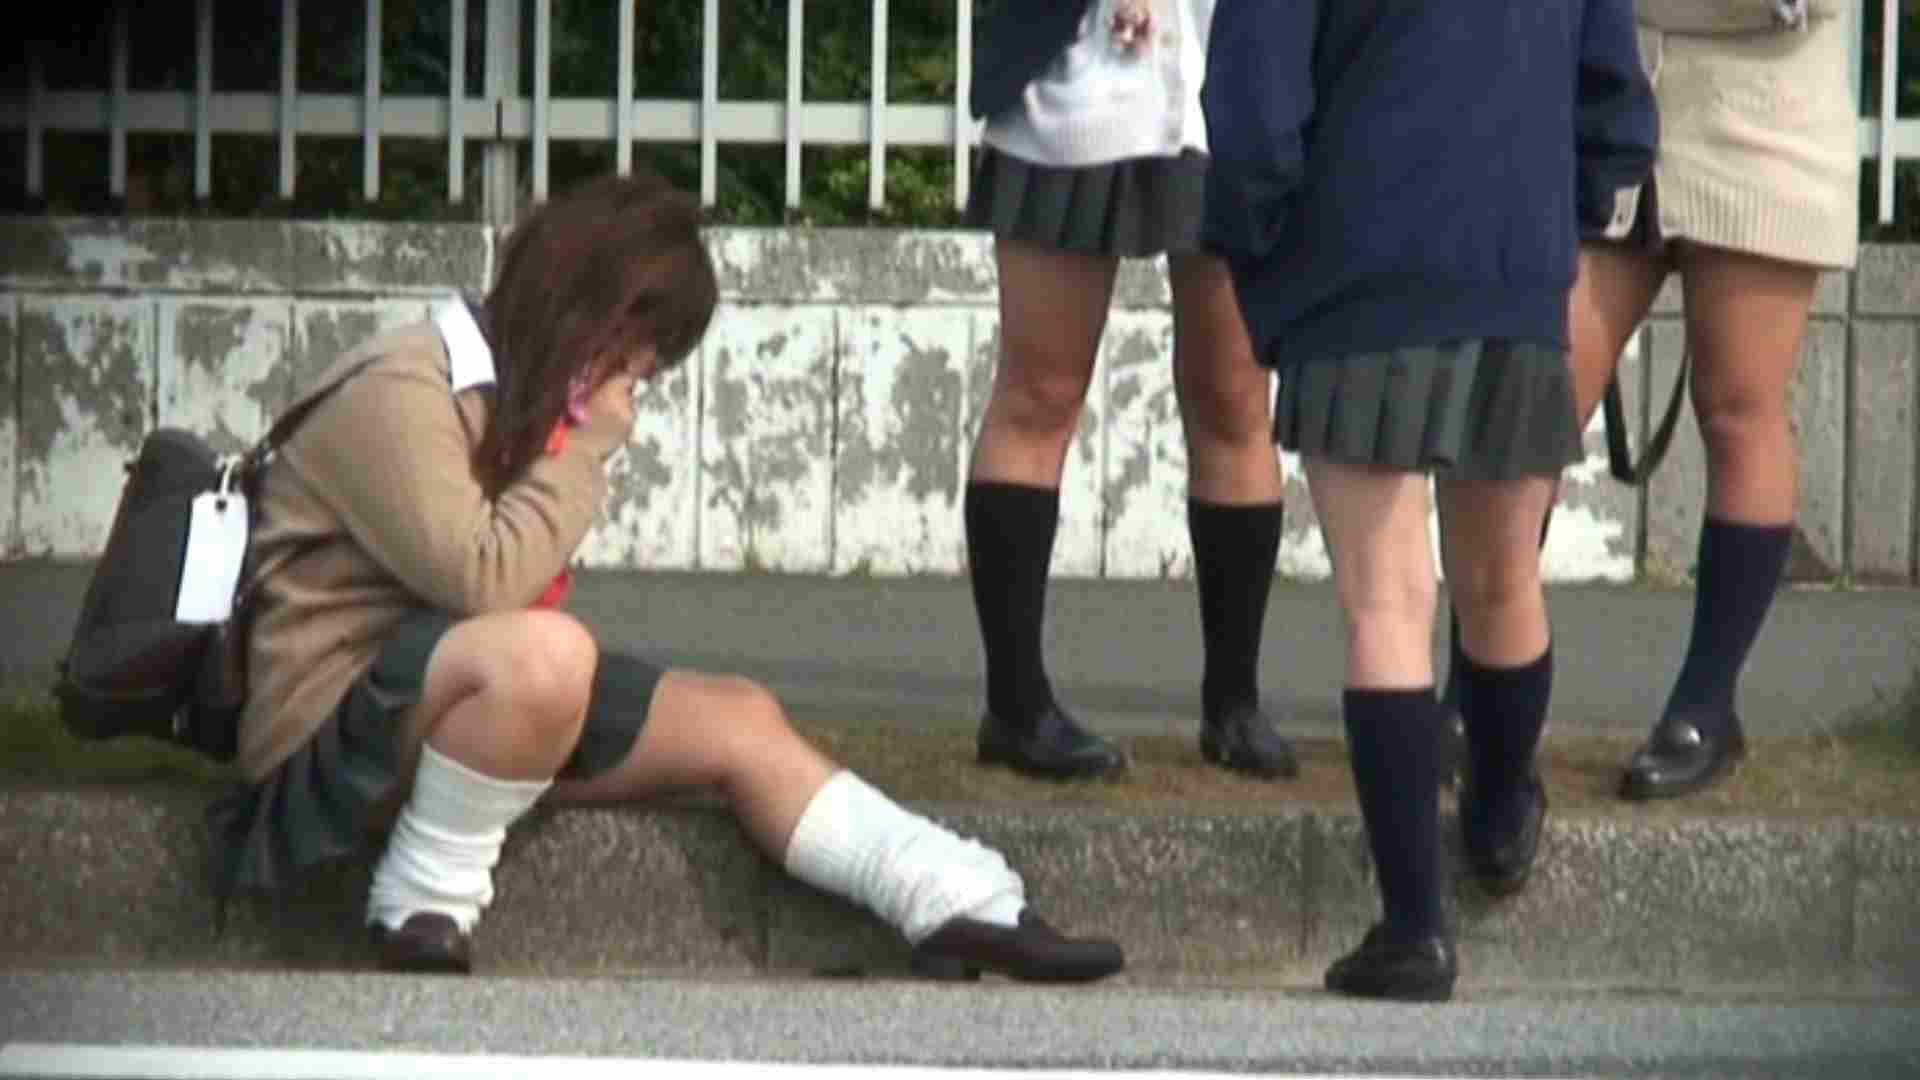 望遠パンチラNo12 学校潜伏 盗撮おまんこ無修正動画無料 97pic 38